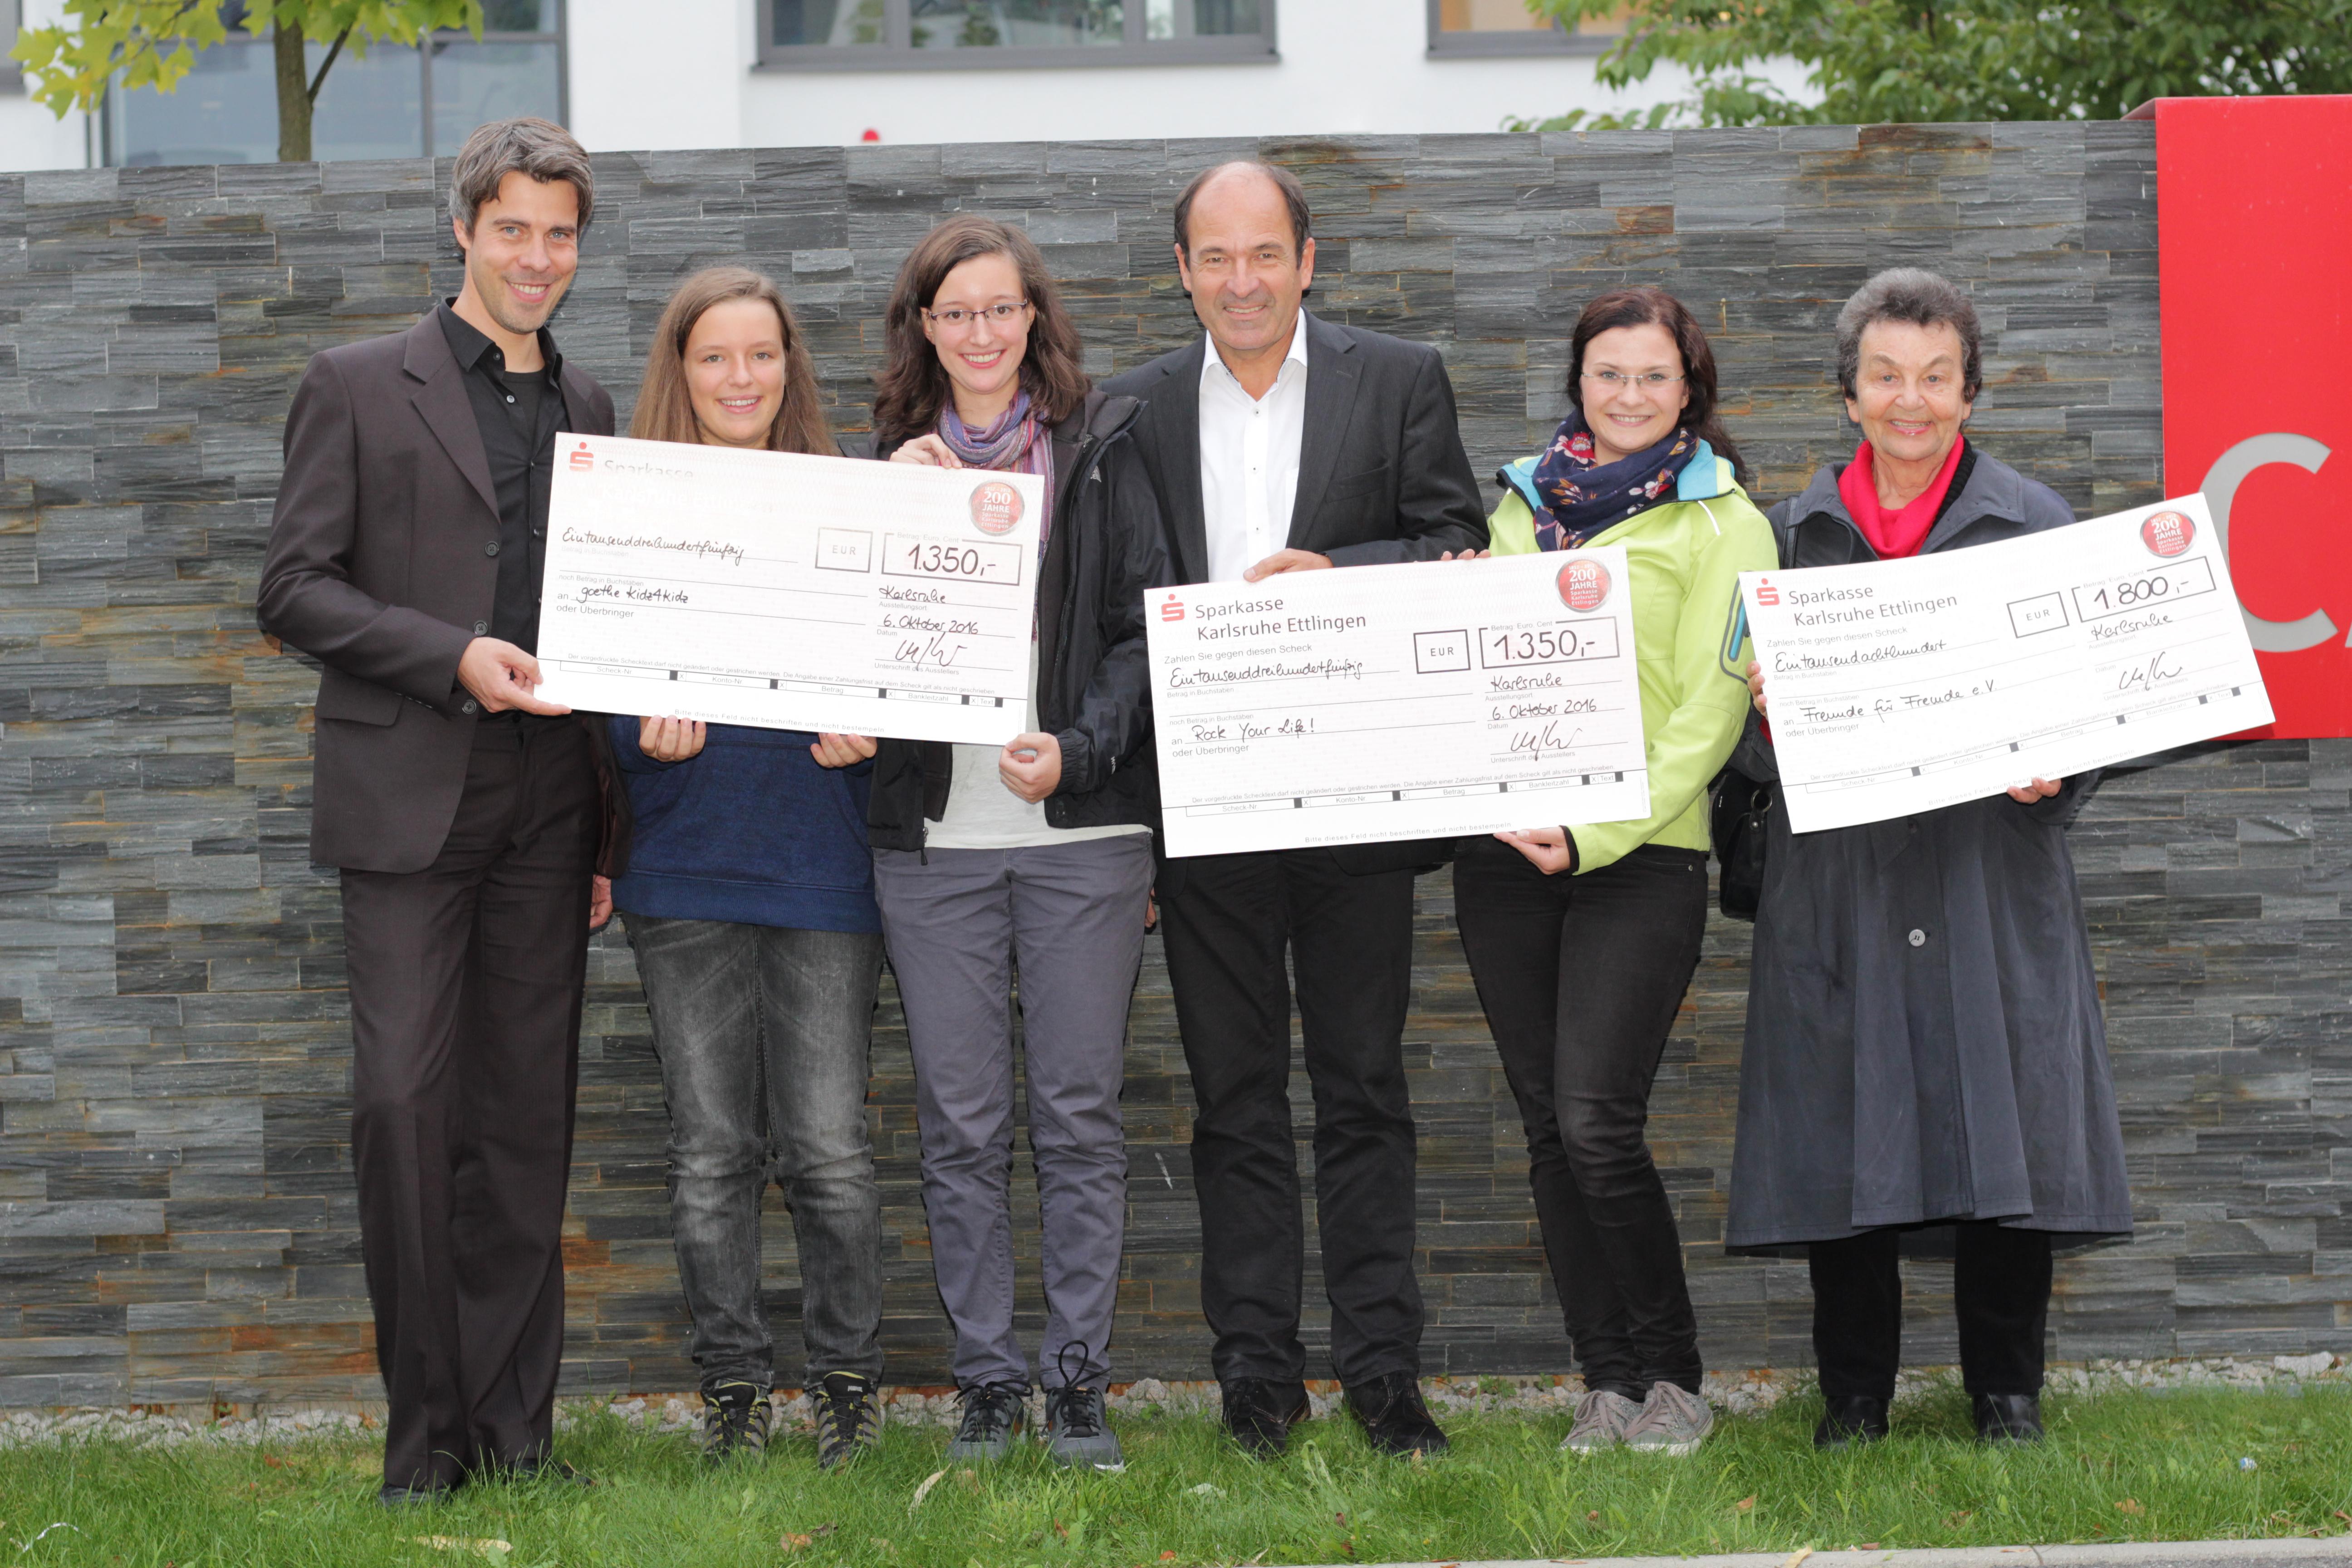 Jochen Krug (nph), Kristin & Ricarda Lehle (Goethe kidz4kidz), Martin Hubschneider (Vorstandsvorsitzender freudeschenken e.V.), Ricarda Polensky (Rock Your Life!), Gertrud Stihler (Vorsitzende von Freunde für Fremde e.V.)